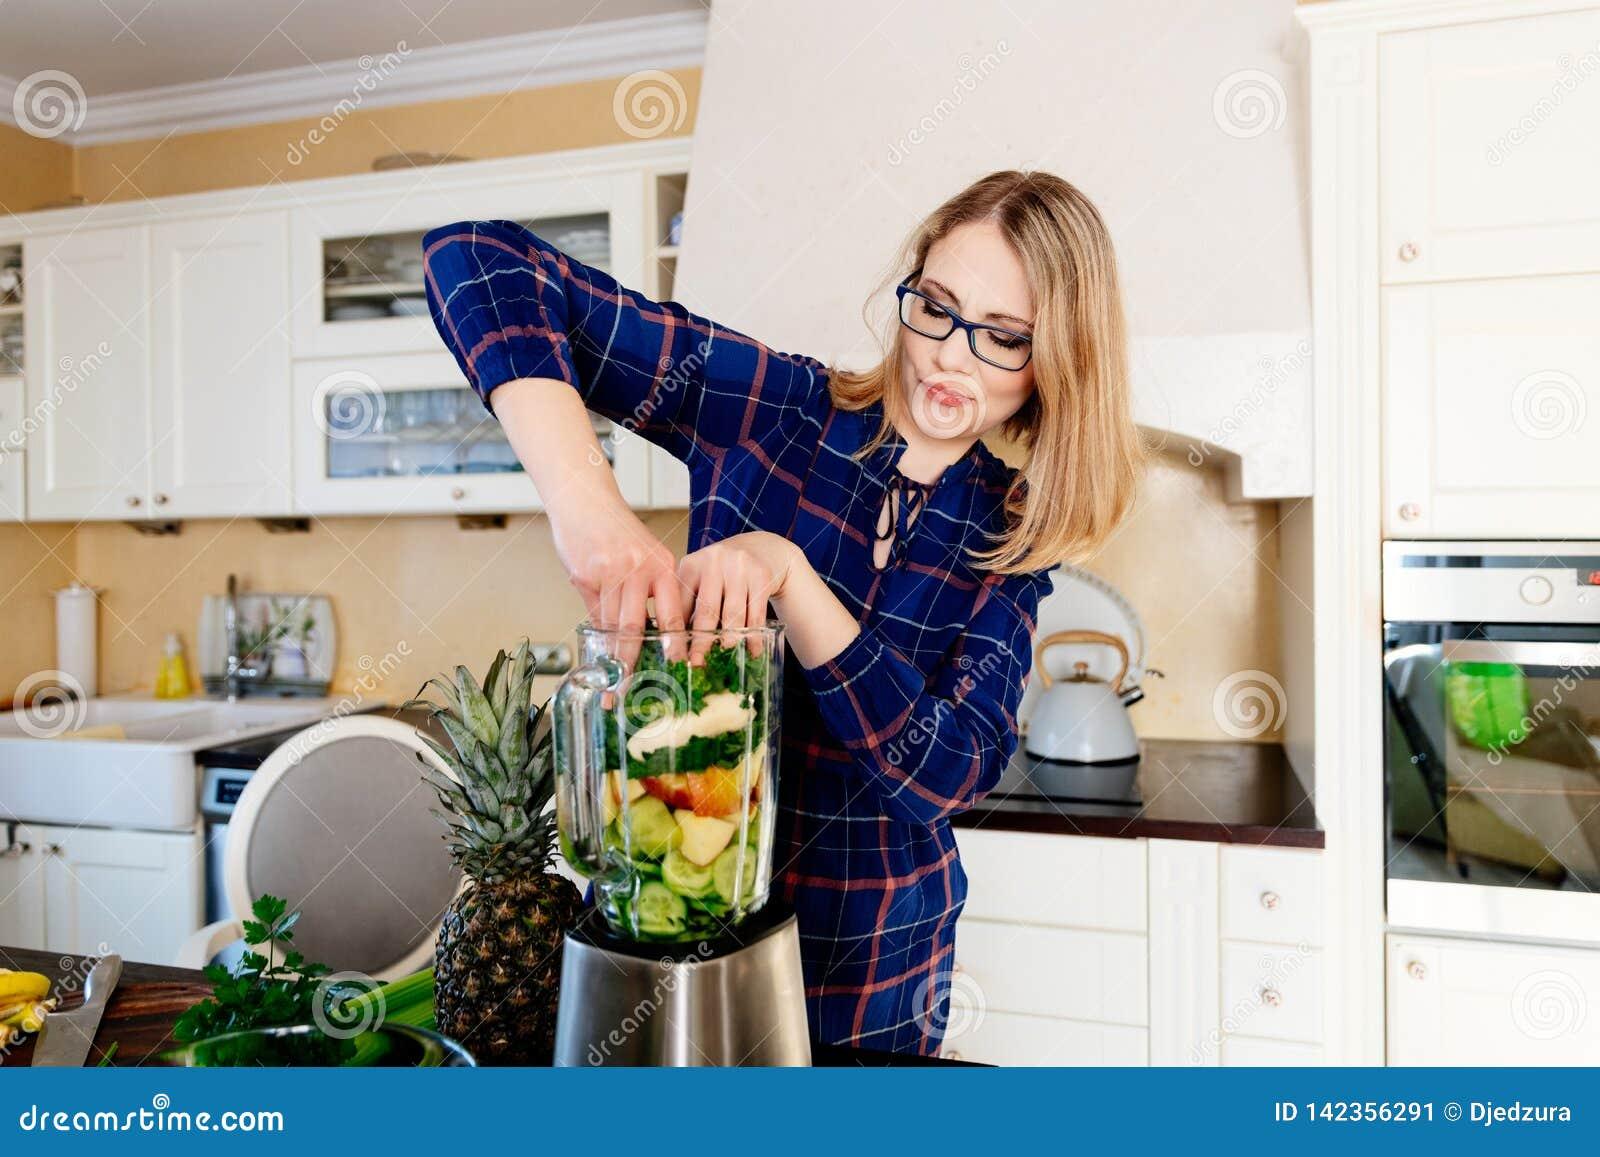 Femme mettant des fruits et légumes dans le mélangeur eletrical